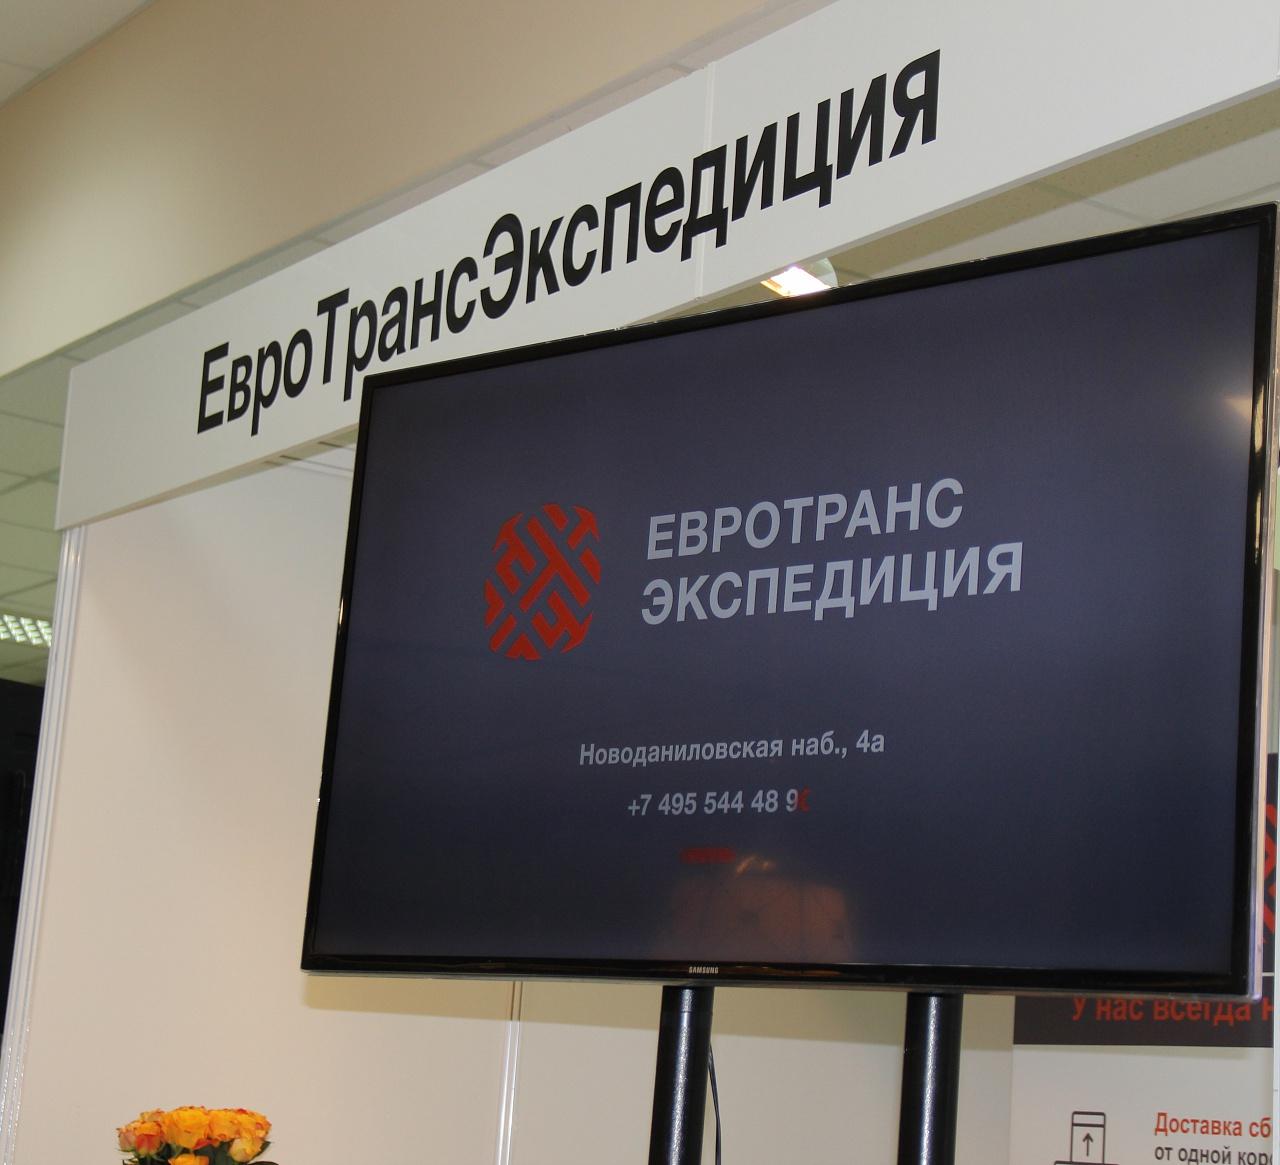 Зао евро транс экспедиция